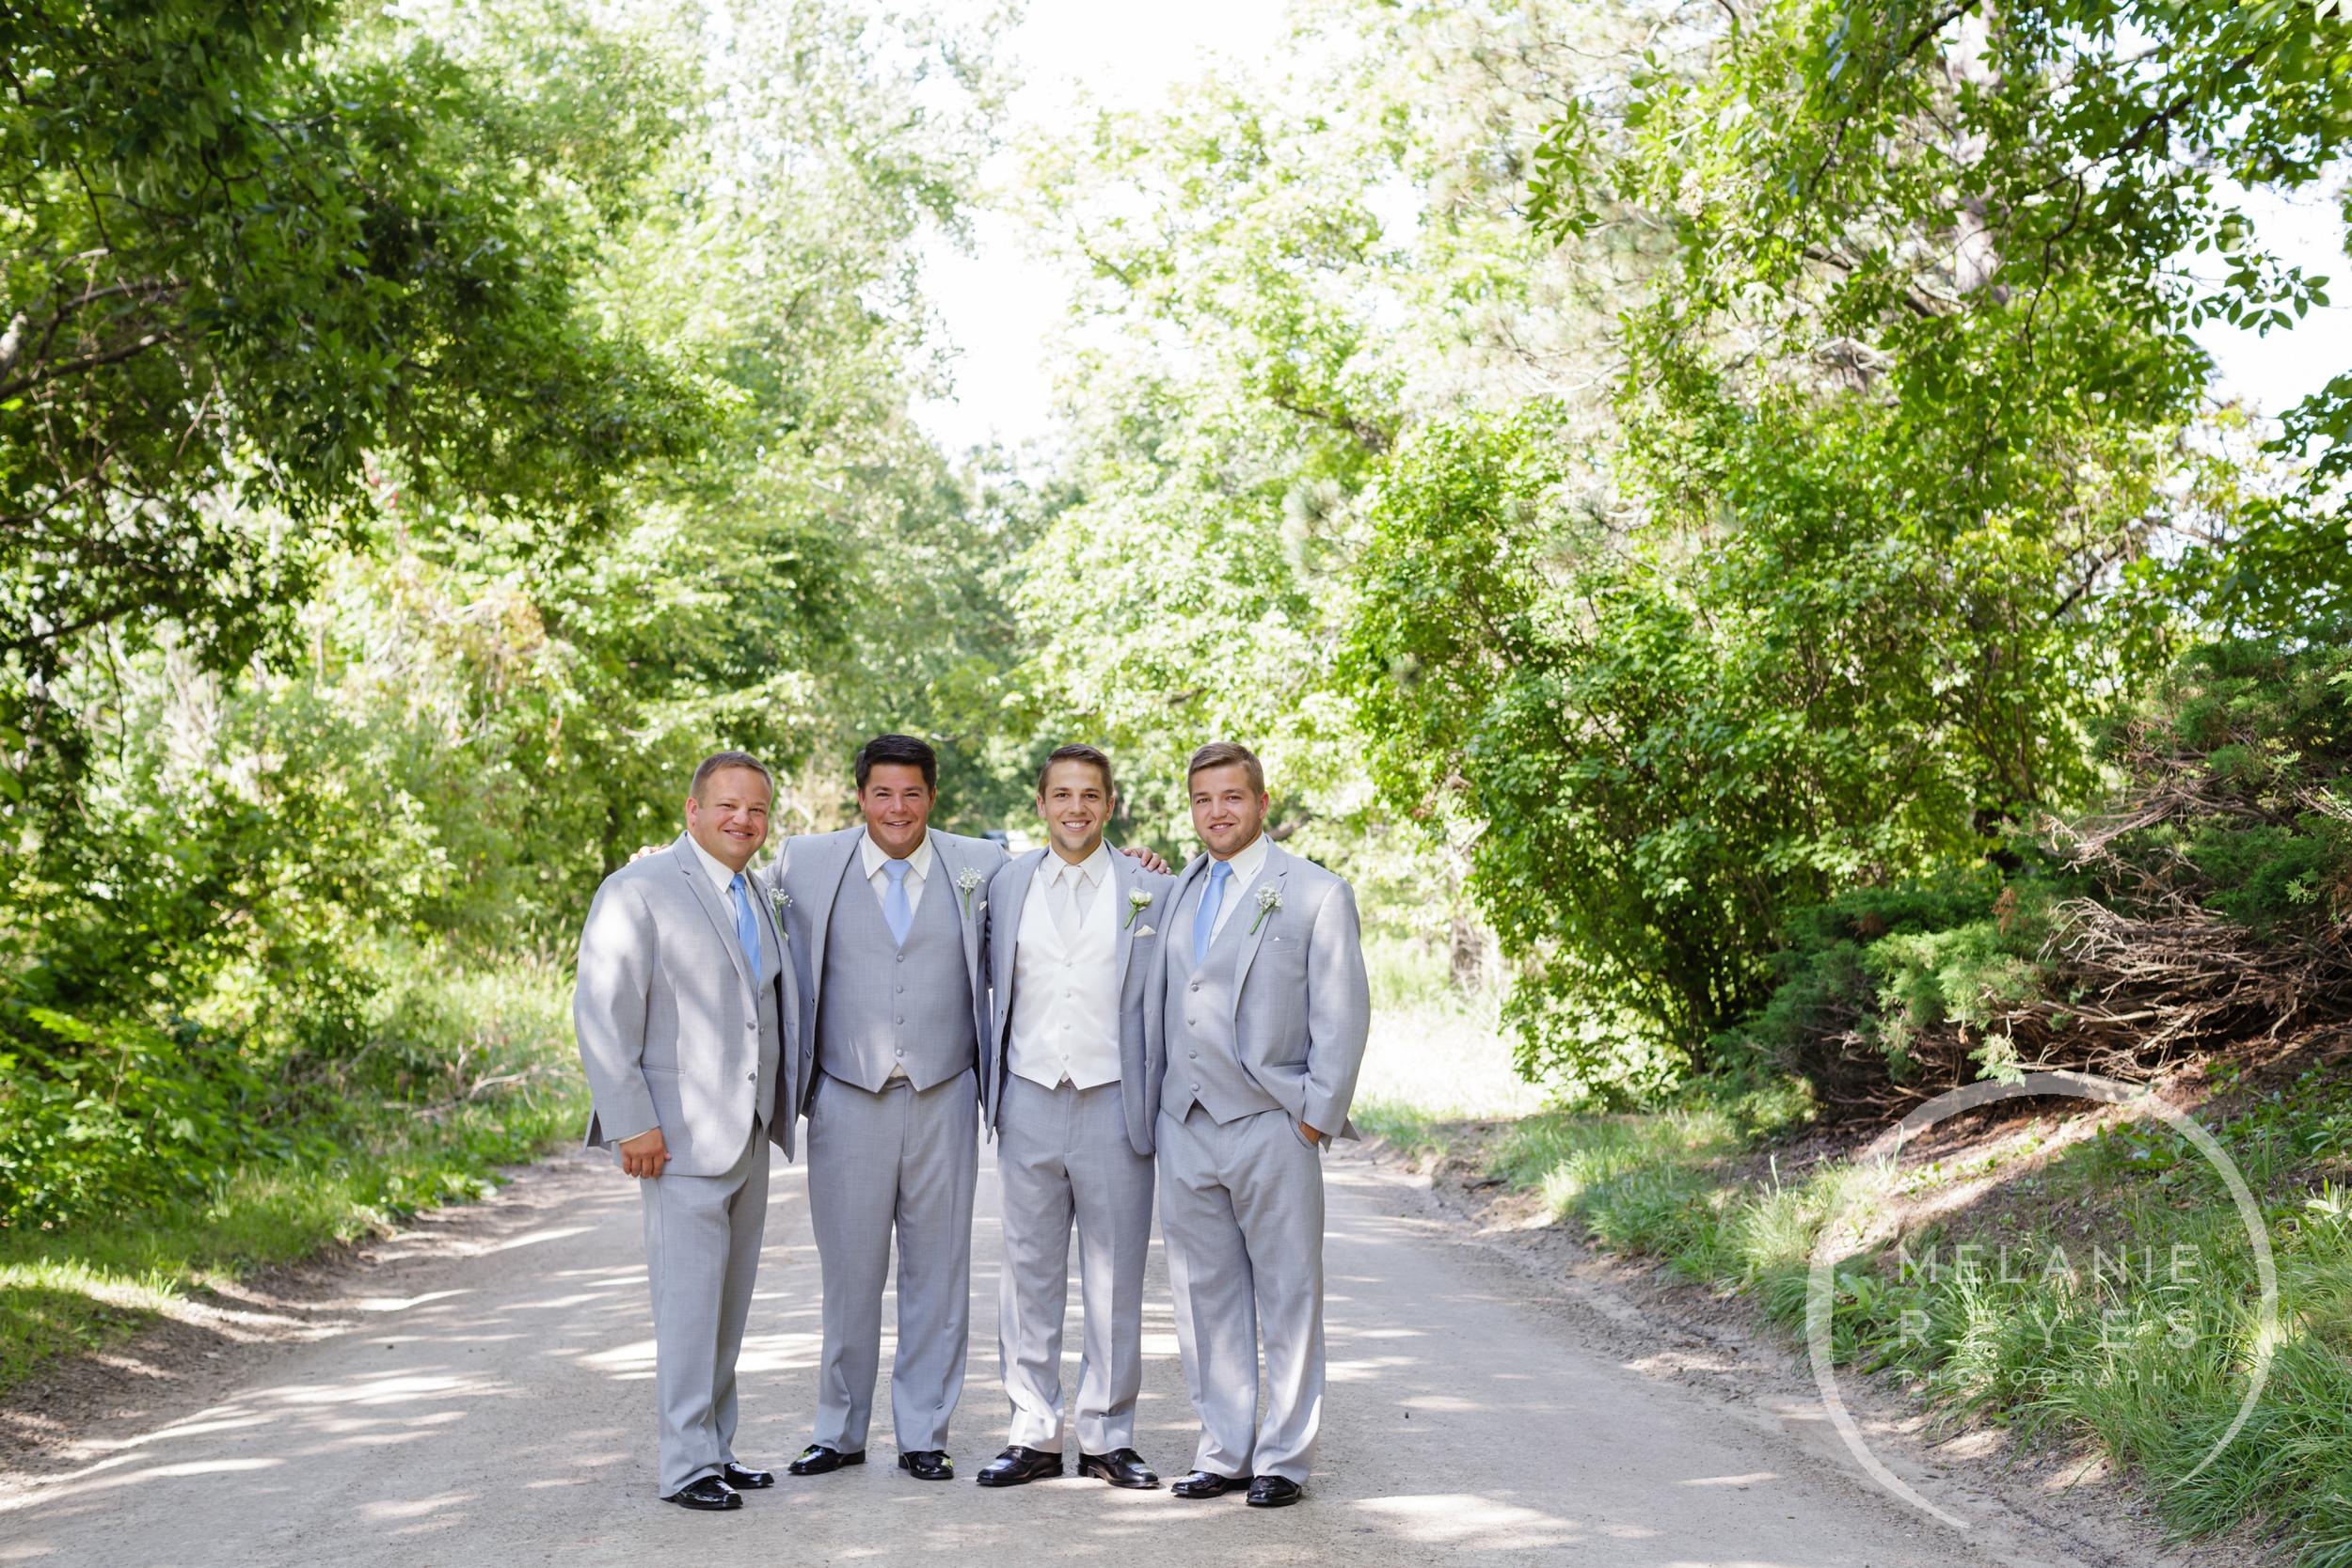 034_farm_wedding_melanie_reyes.JPG